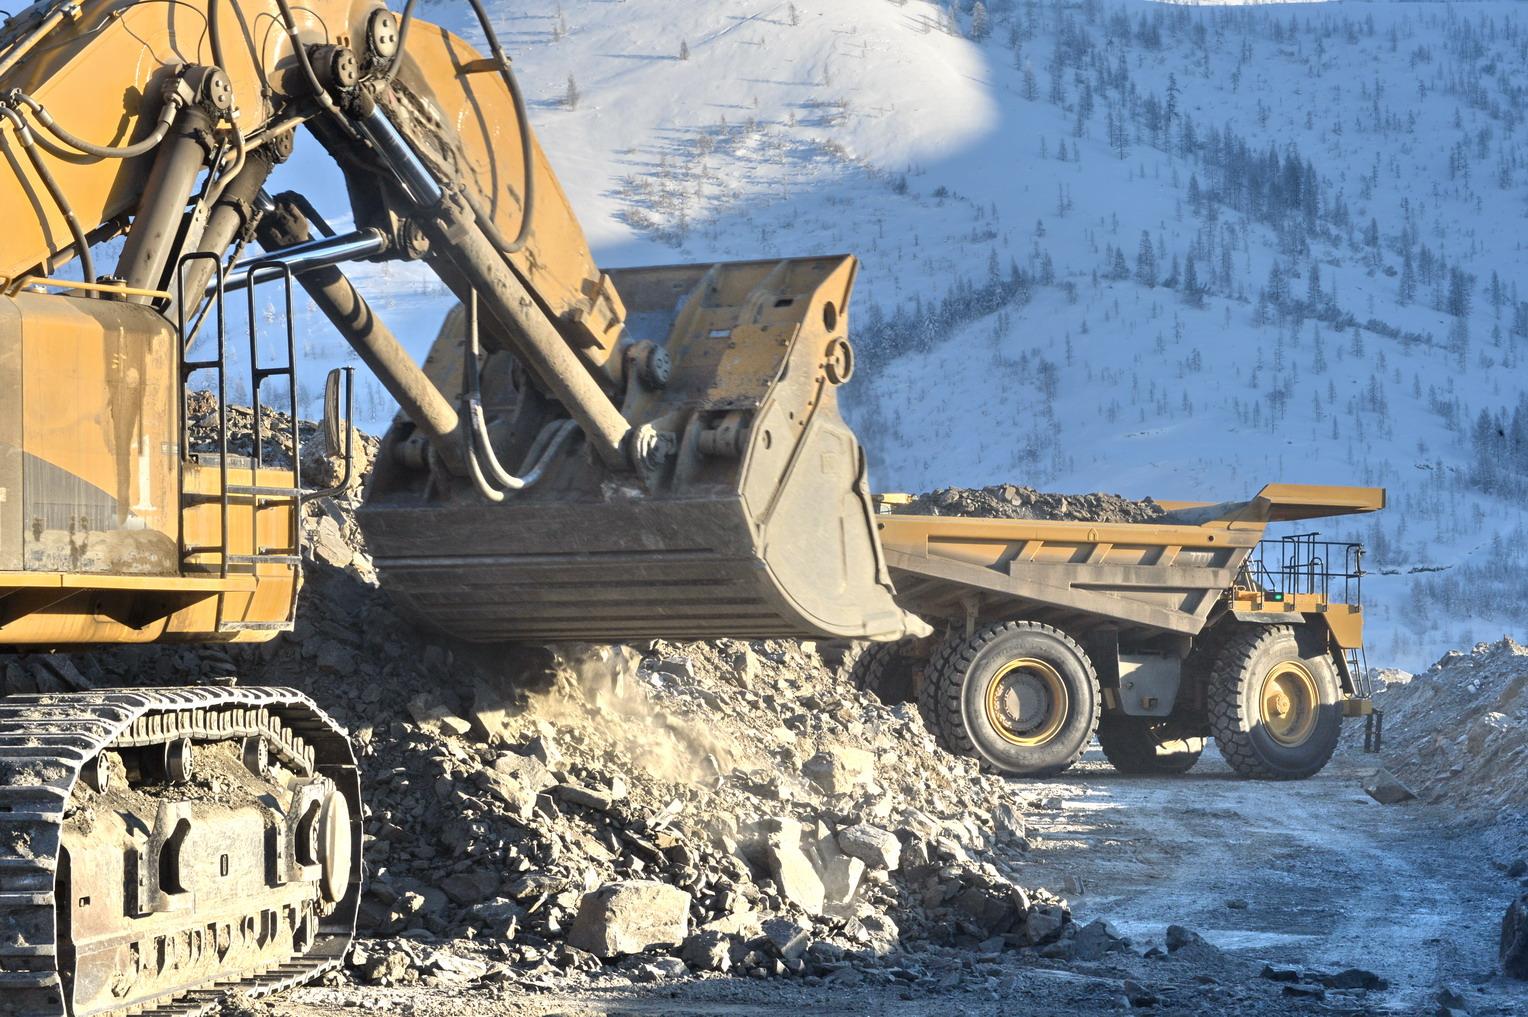 выбора термобелья вакансии работа на золотодобывающих приисках также учитывать, что